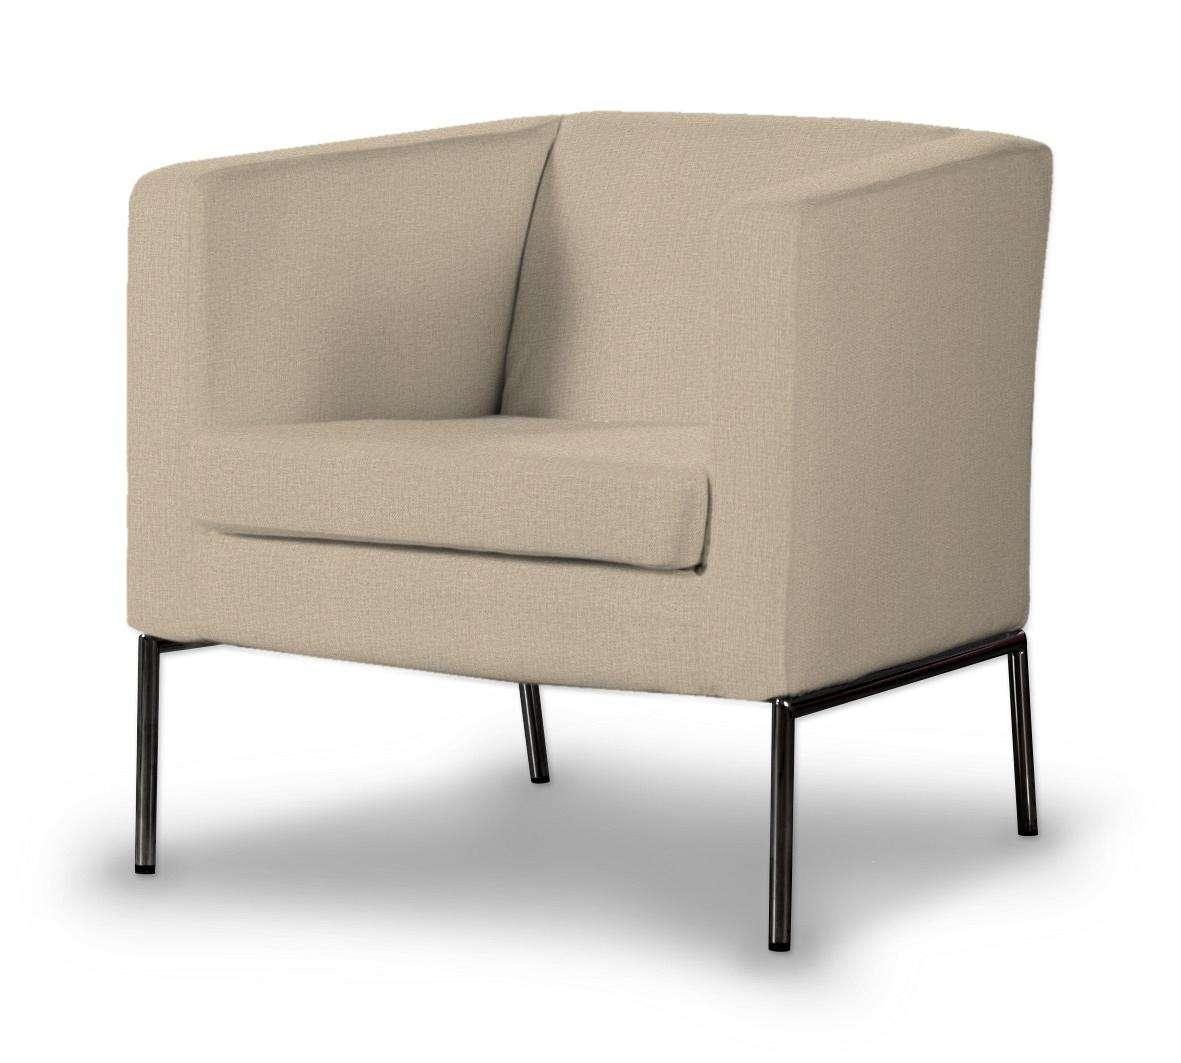 Klappsta päällinen nojatuoli mallistosta Edinburgh, Kangas: 115-78